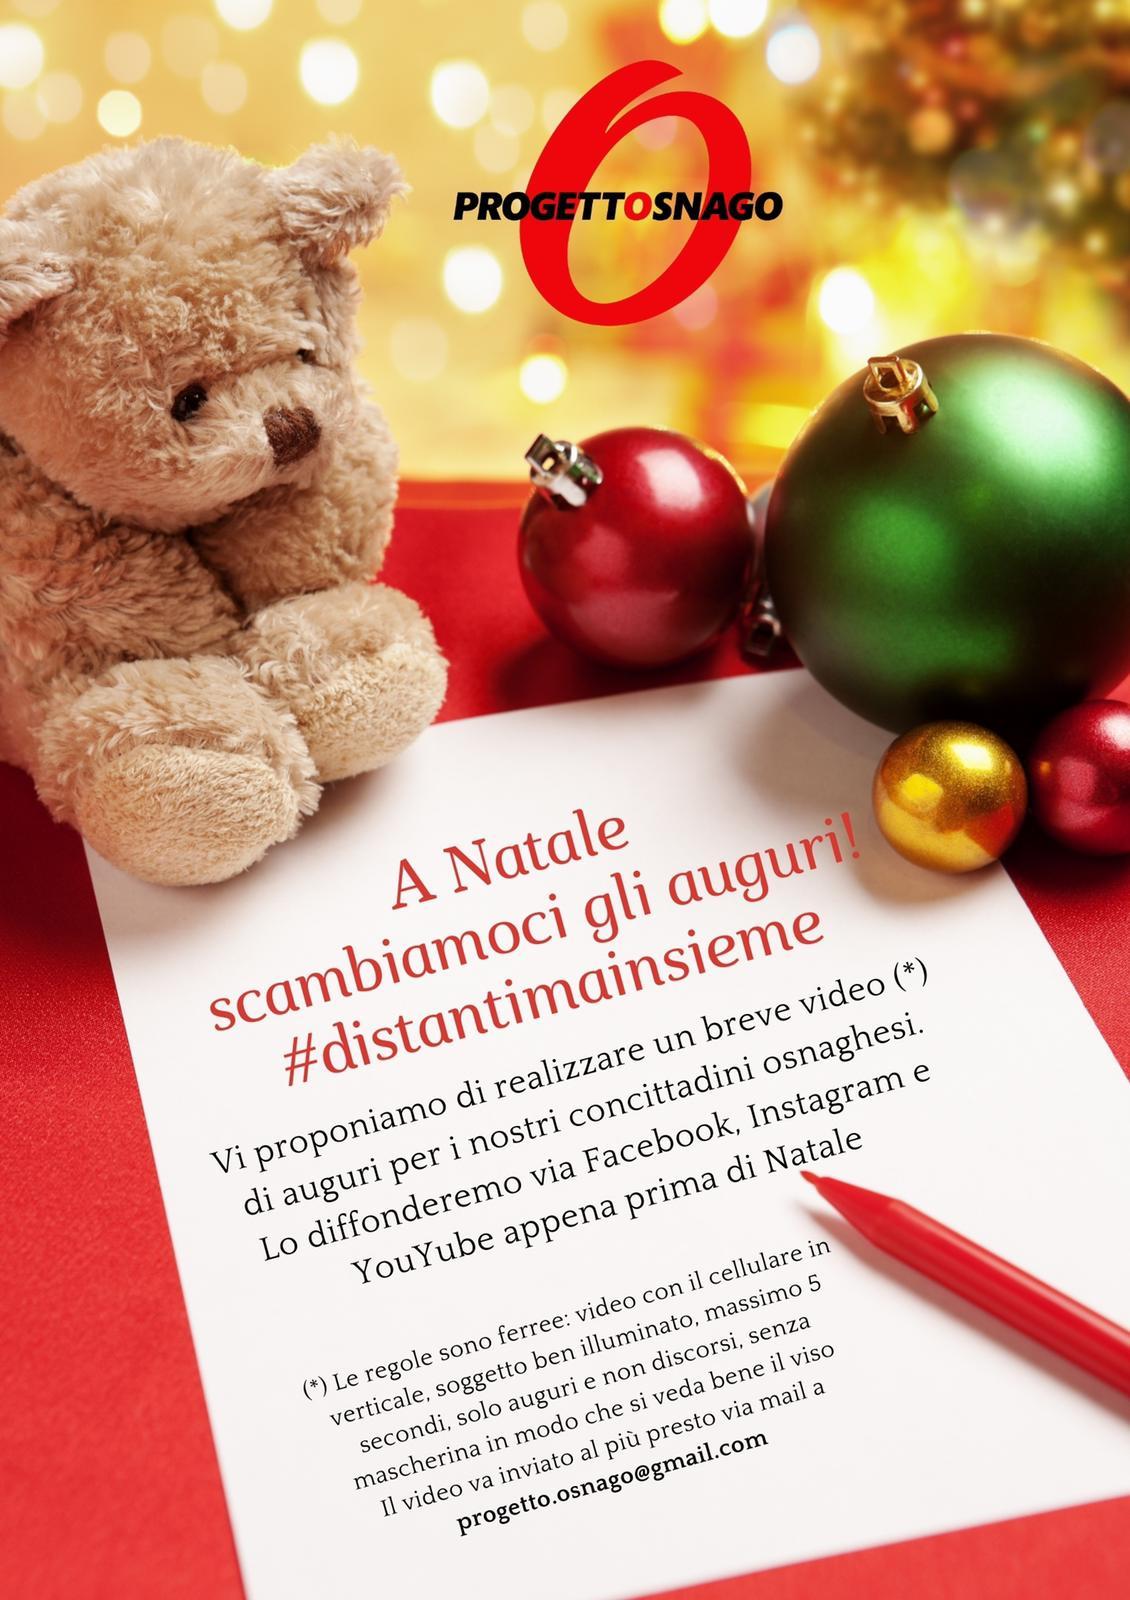 Discorsi Di Auguri Per Natale.Iniziativa Natalizia Di Progetto Osnago Dentro Fuori